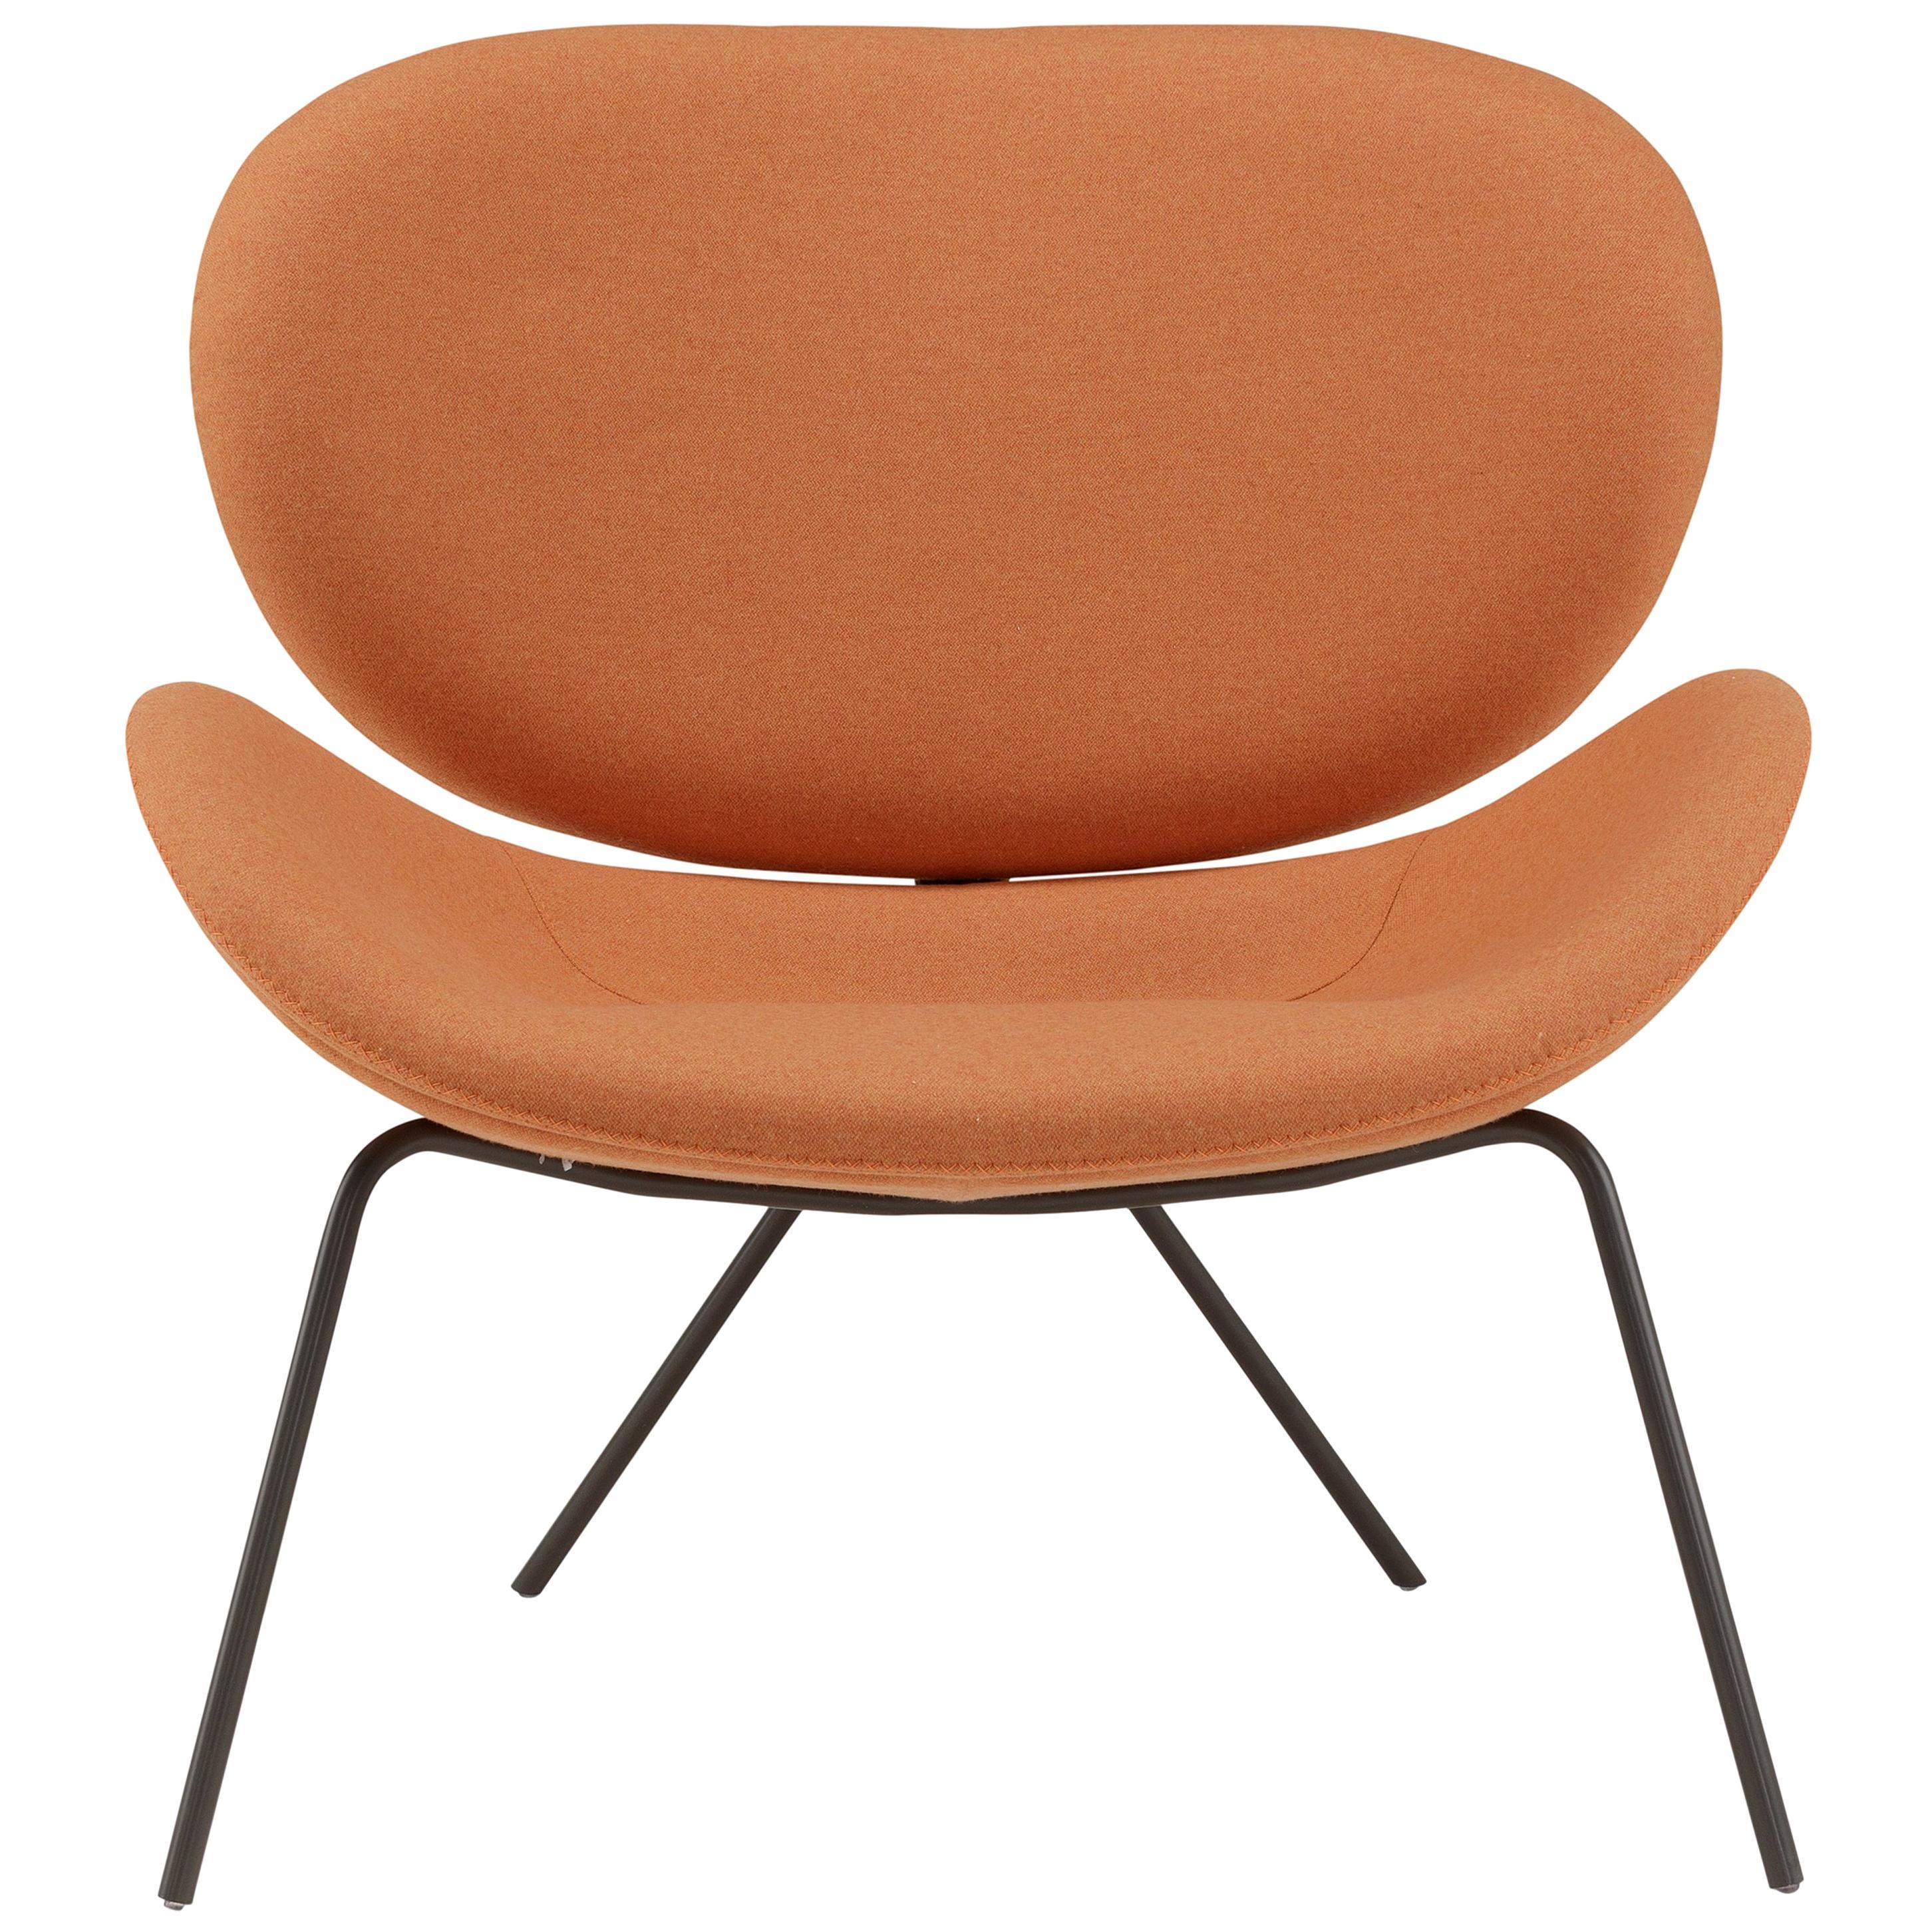 Amura 'Uchiwa' Chair in Orange Fabric by Andrea Quaglio & Manuela Simonelli